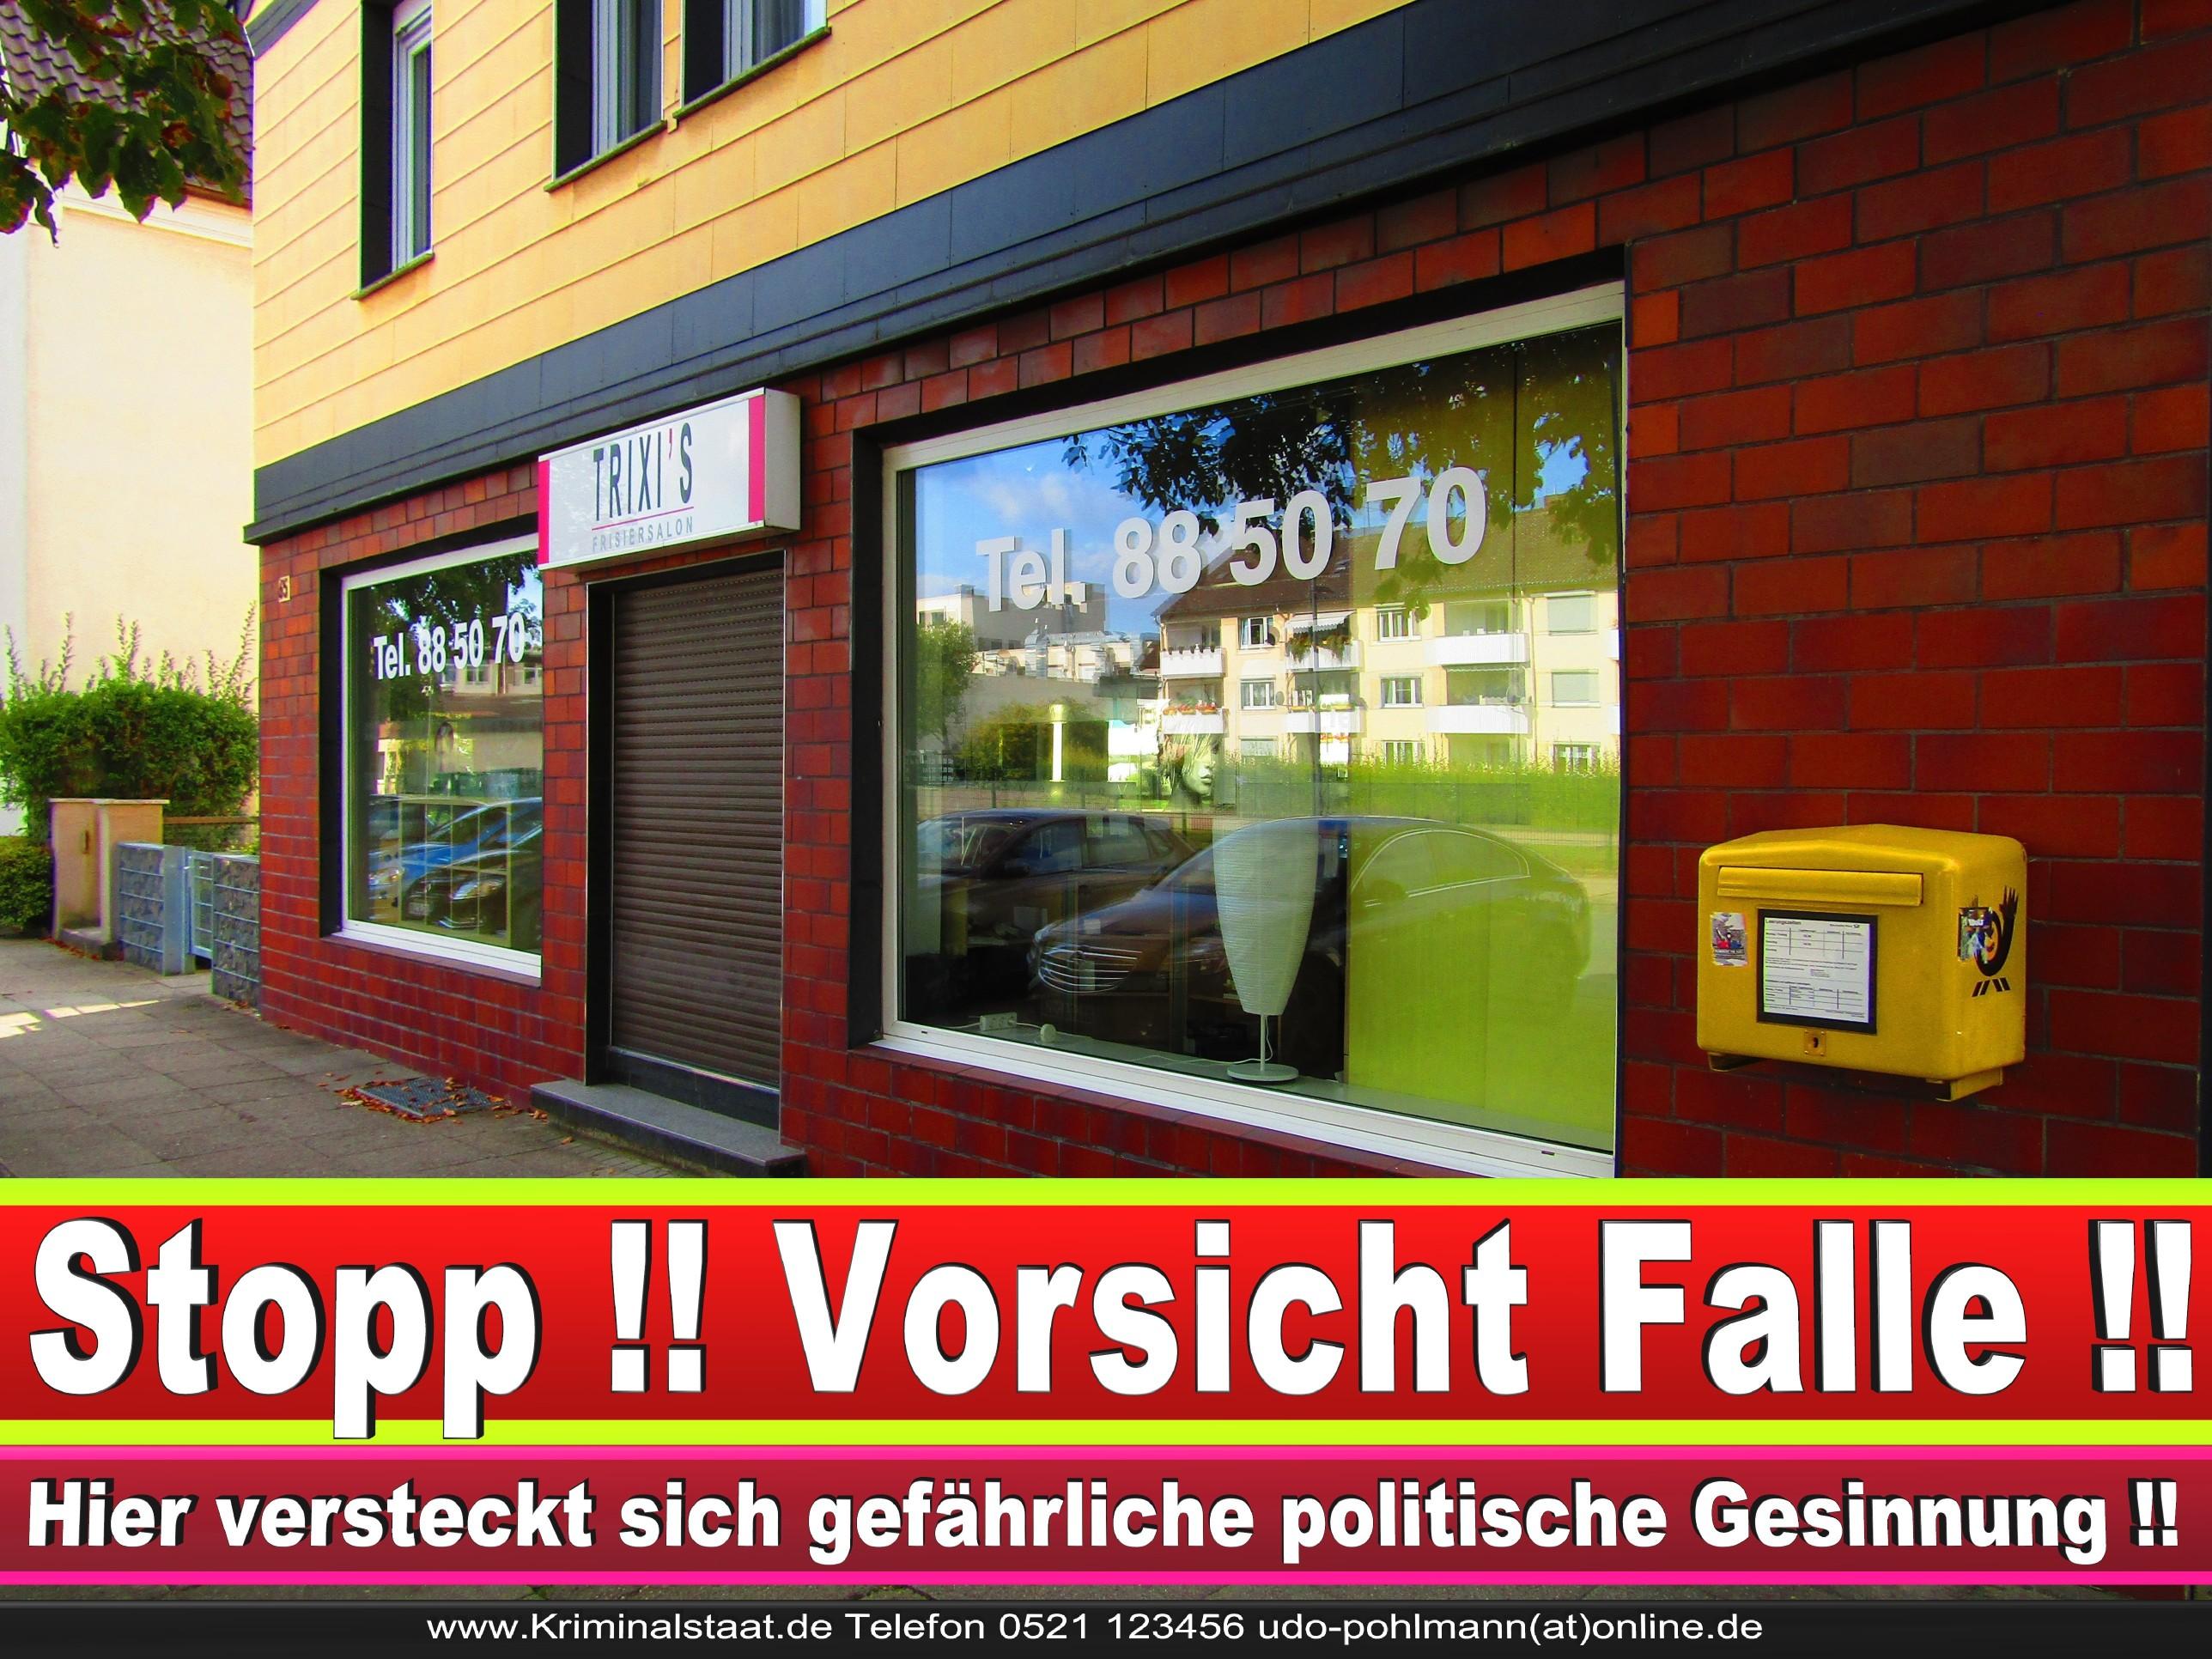 PATRICIA WEHMEYER TRIXI CDU BIELEFELD HAIRSALON FRISEUR 10 LANDTAGSWAHL BUNDESTAGSWAHL BÜRGERMEISTERWAHL